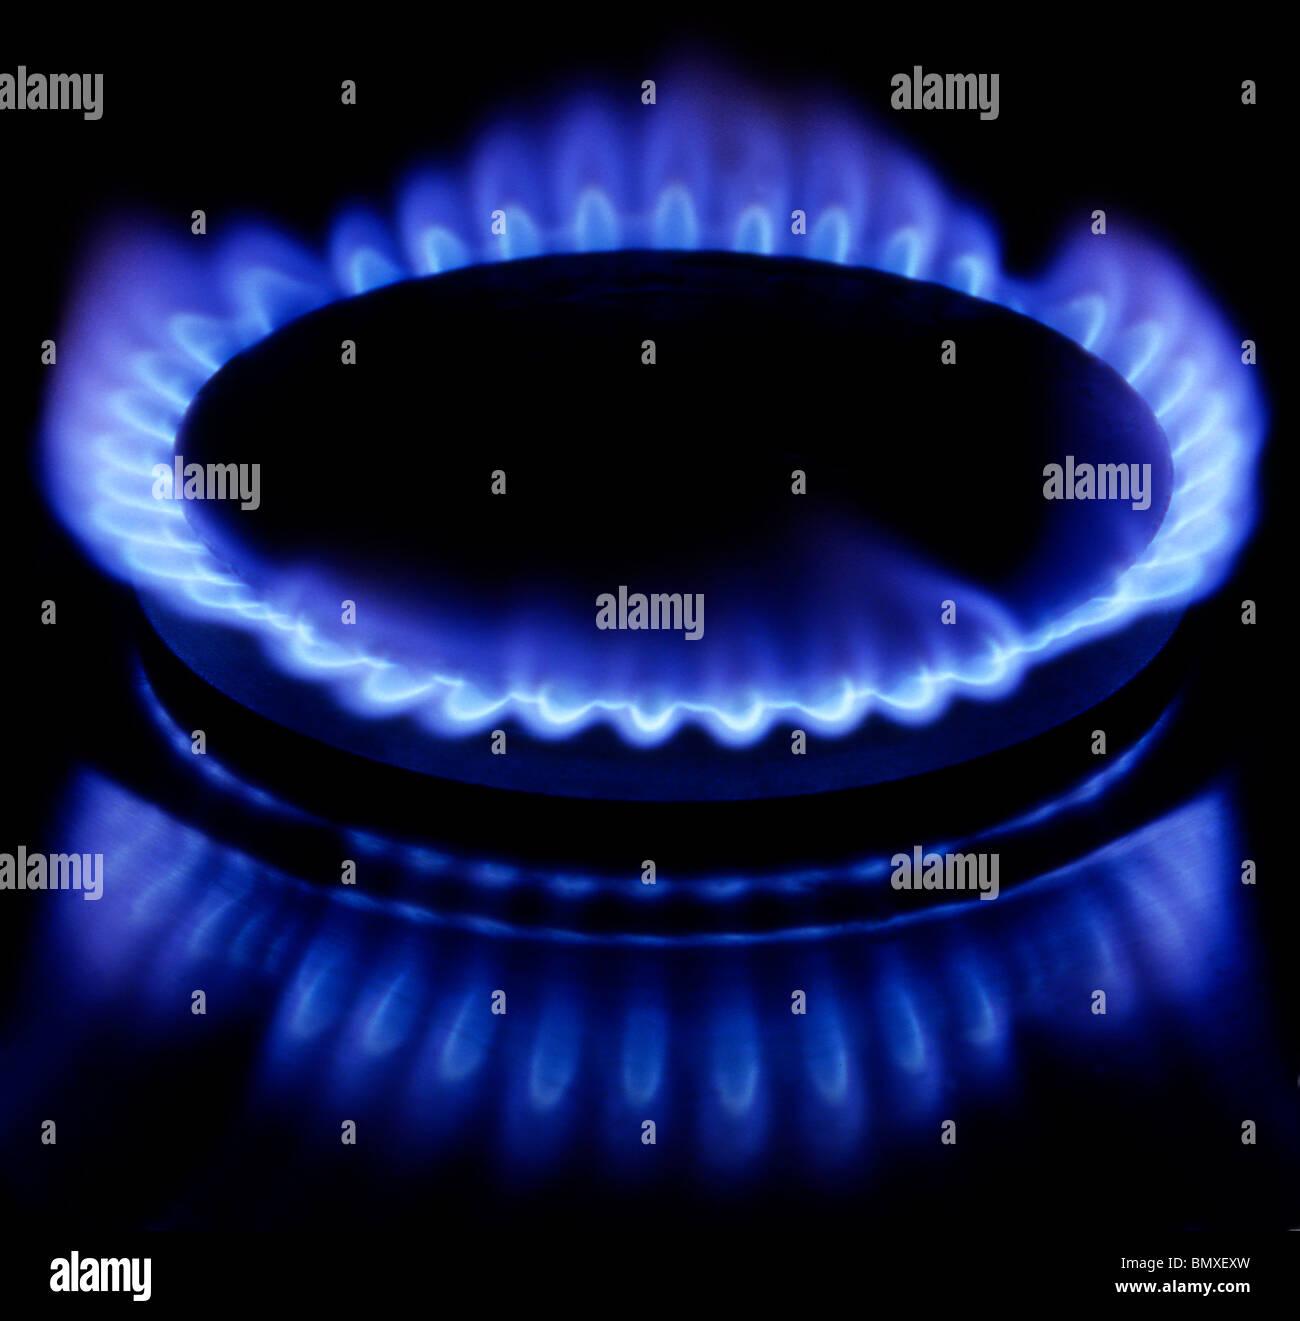 Burning gas of a kitchen range - Stock Image